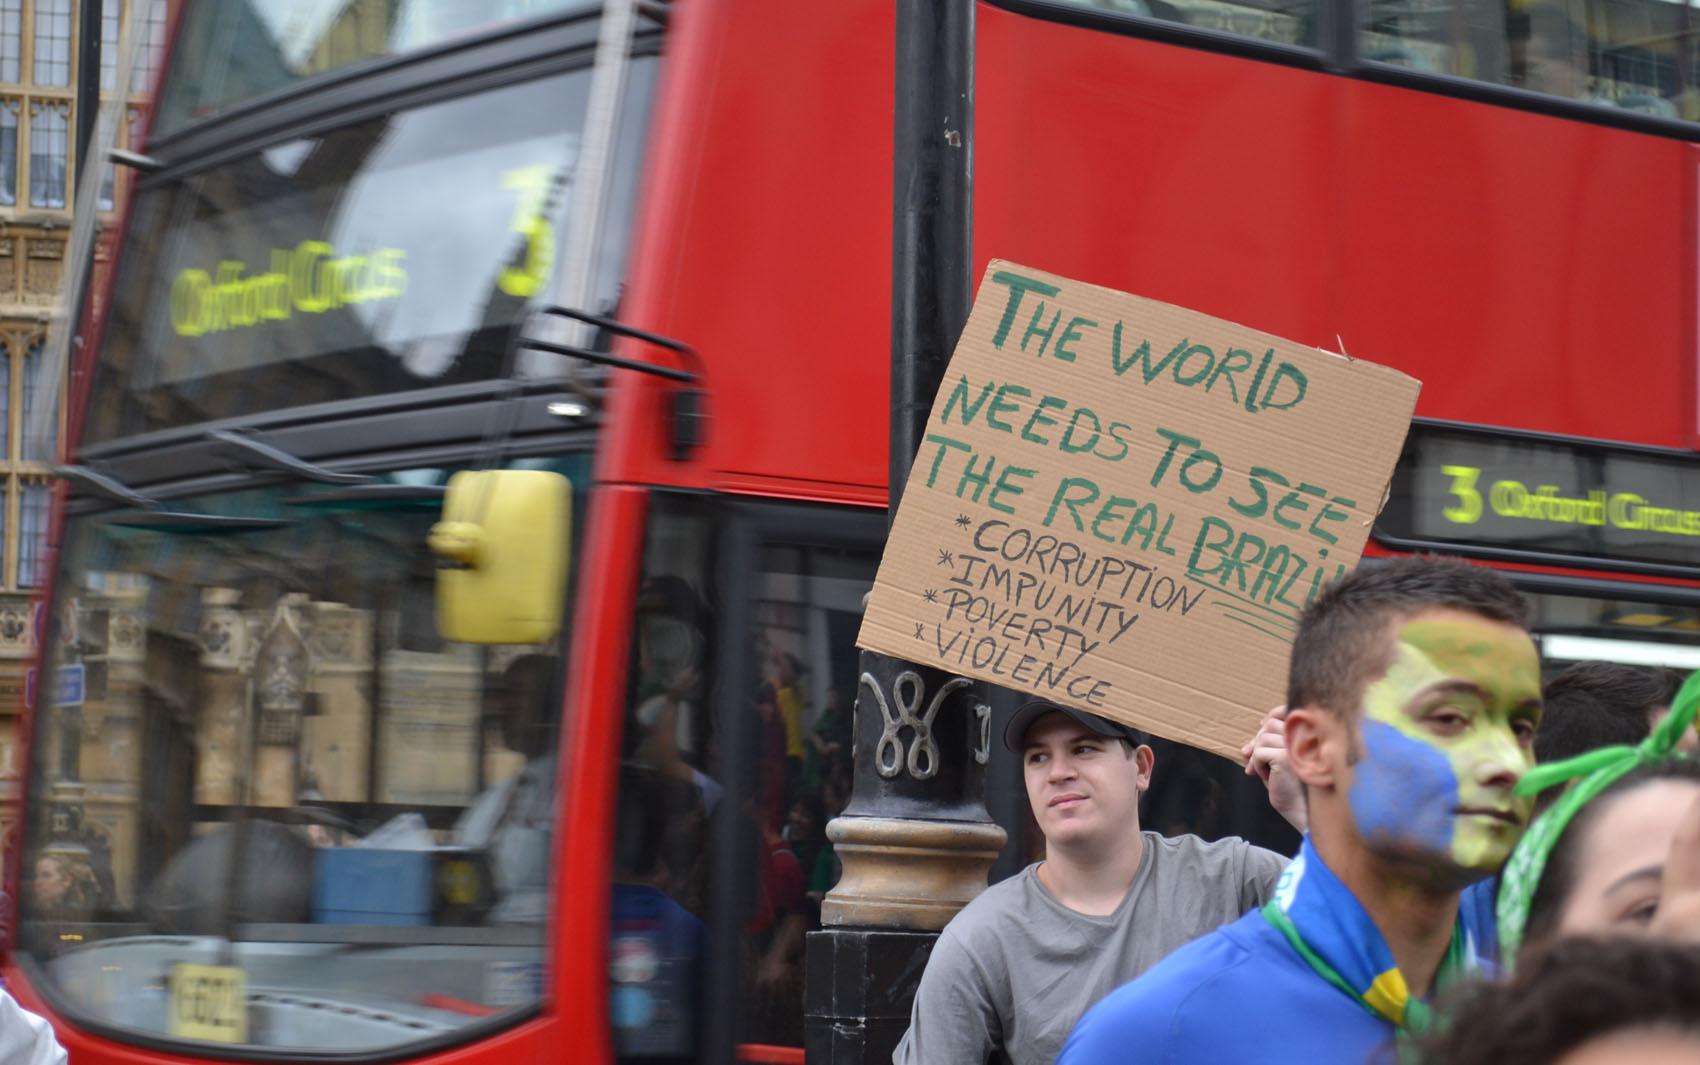 Cerca de 2 mil manifestantes se reuniram nesta terça-feira (18) com cartazes e bandeiras do Brasil em uma praça próxima ao Big Ben, símbolo de Londres